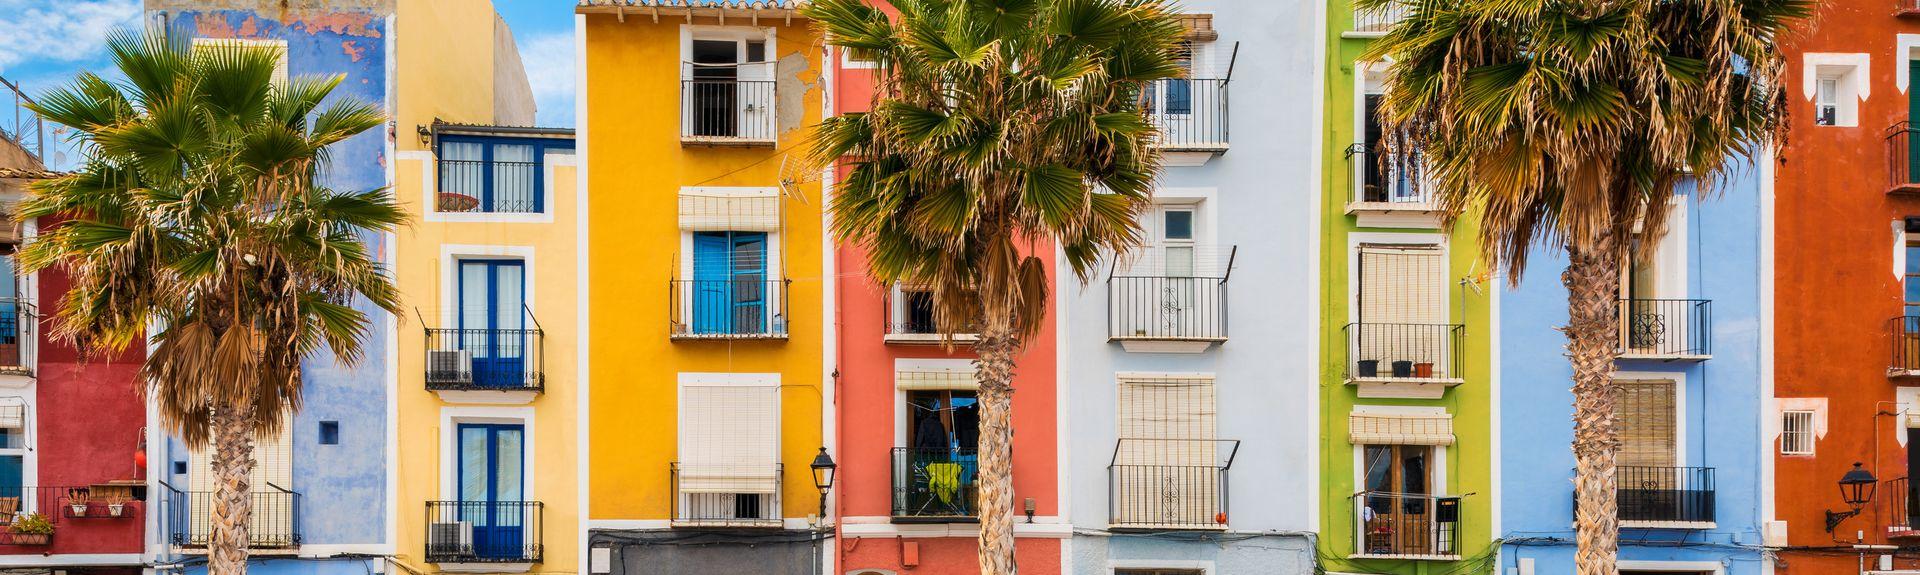 Costa Blanca, Valencia, Spanien